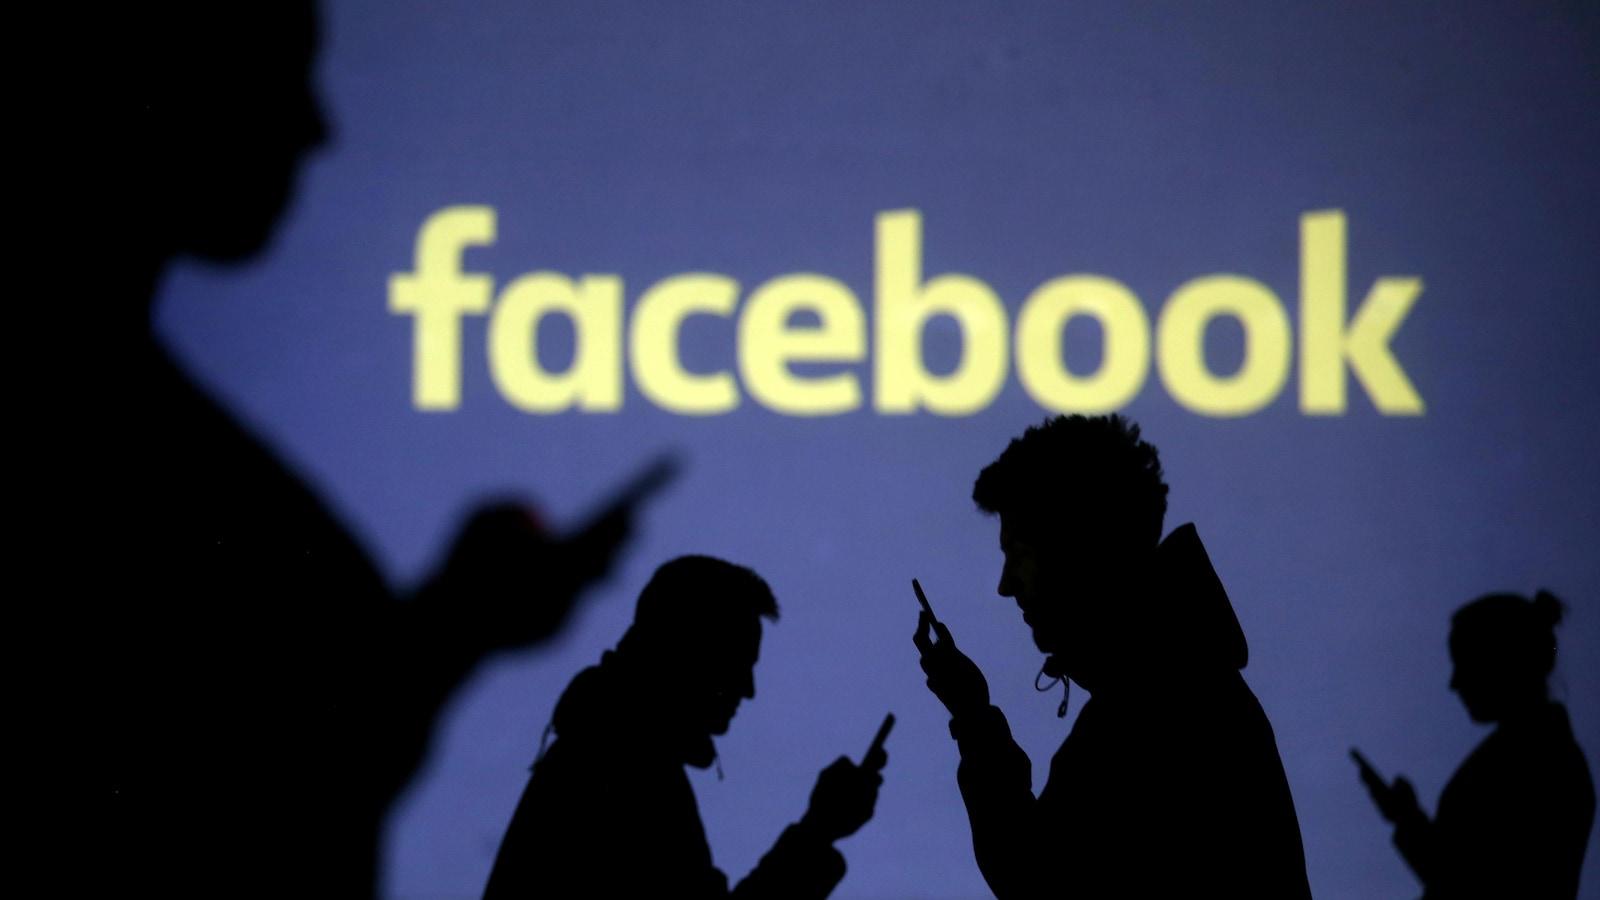 Facebook cesse de collecter la géolocalisation en permanence sur Android